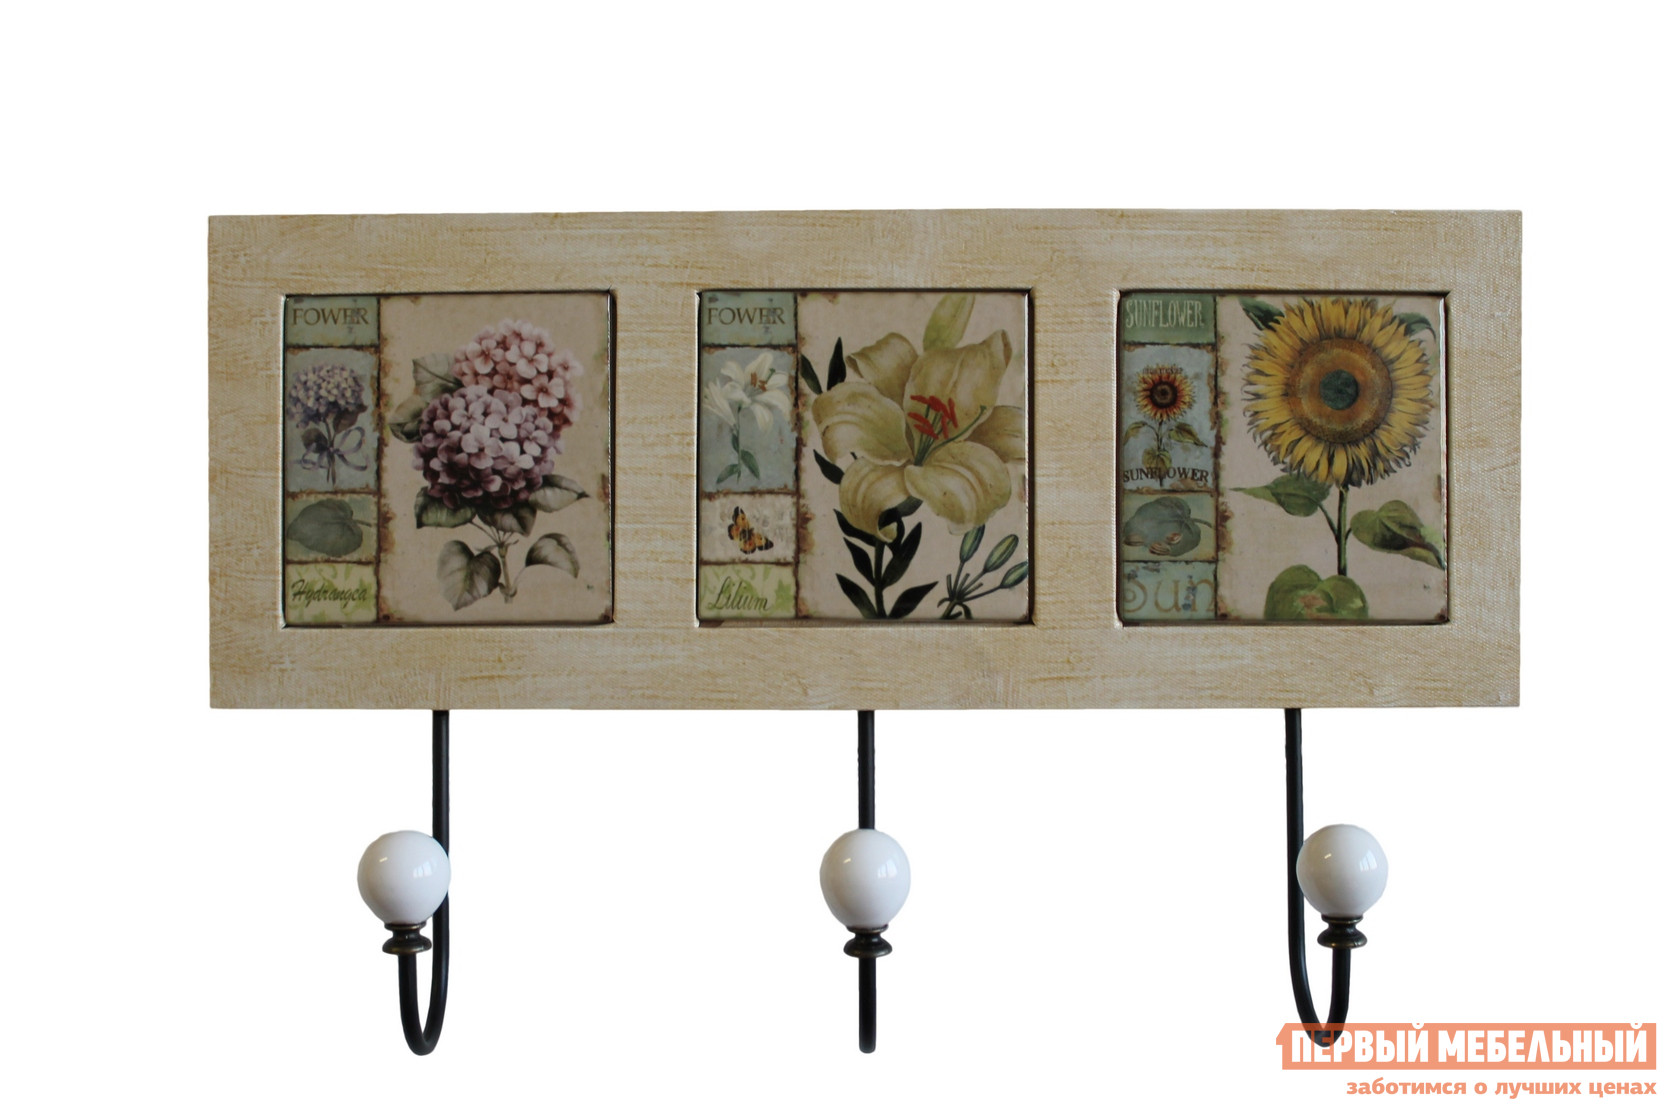 Вешалка МебельТорг X9166 Цветы от Купистол